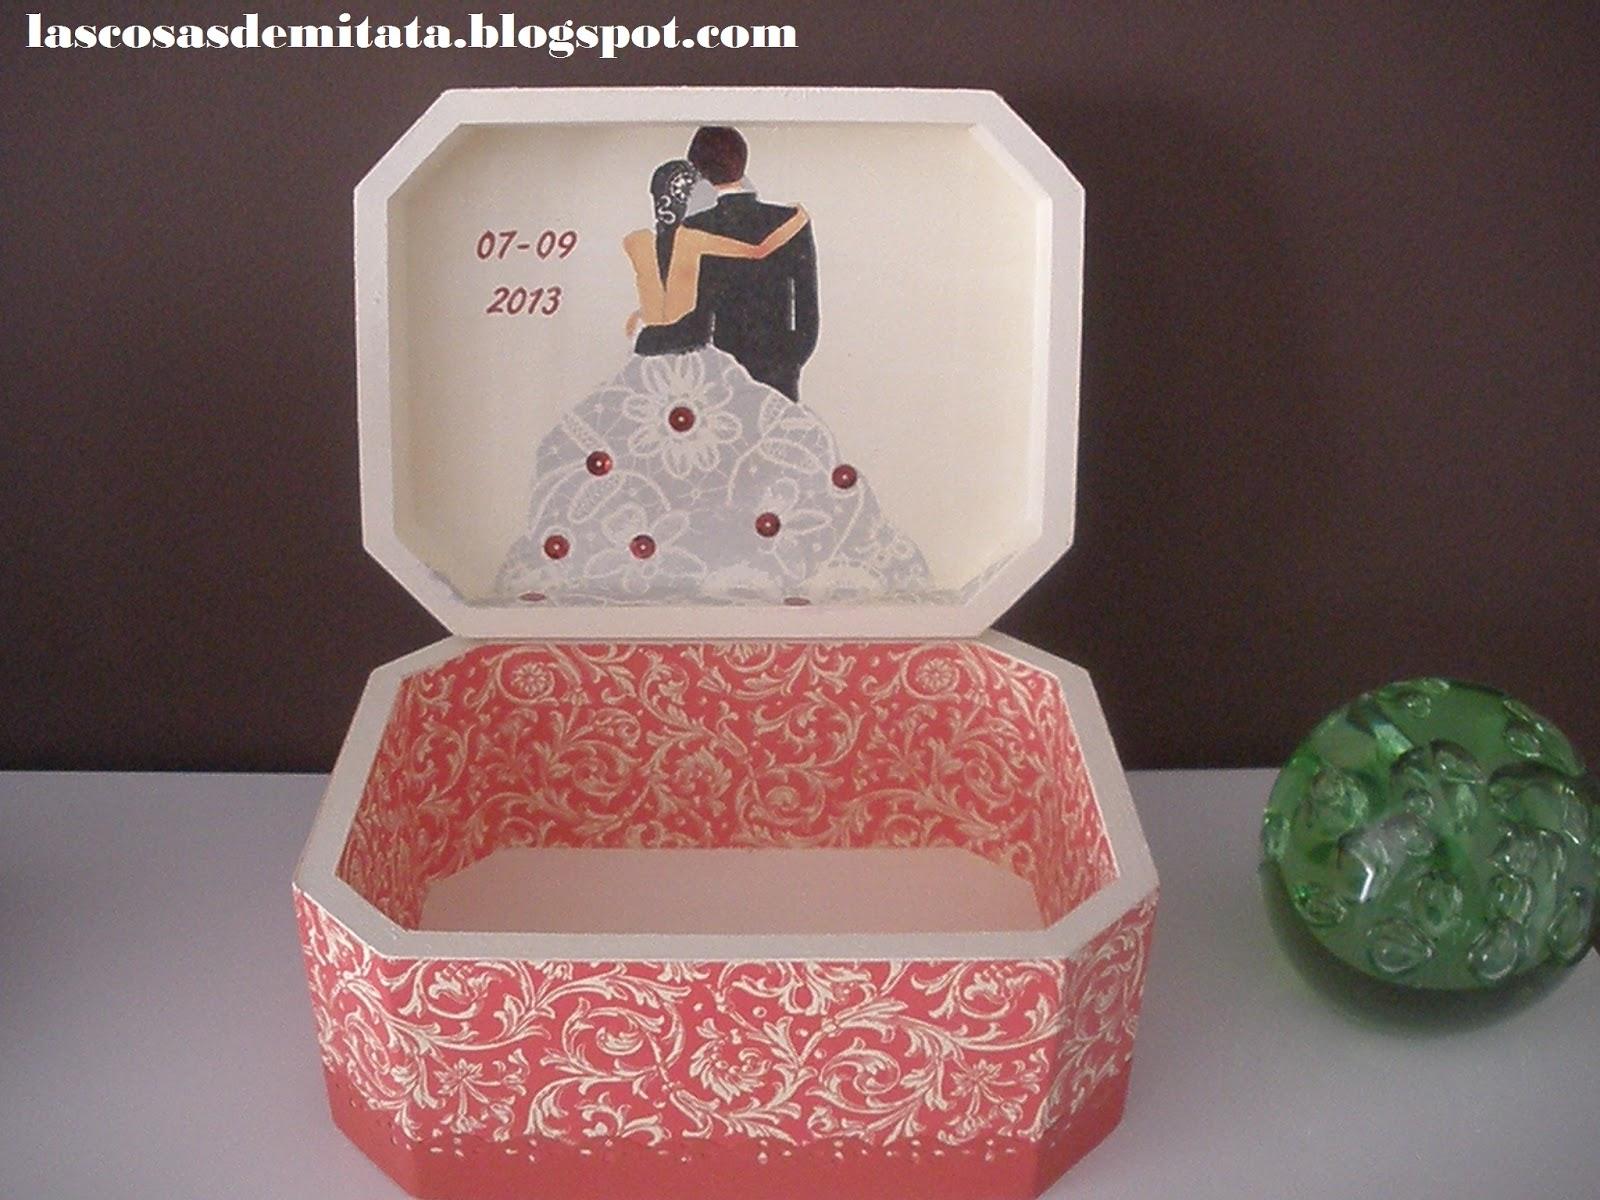 Cajas decoradas para bodas imagui - Cajas infantiles decoradas ...